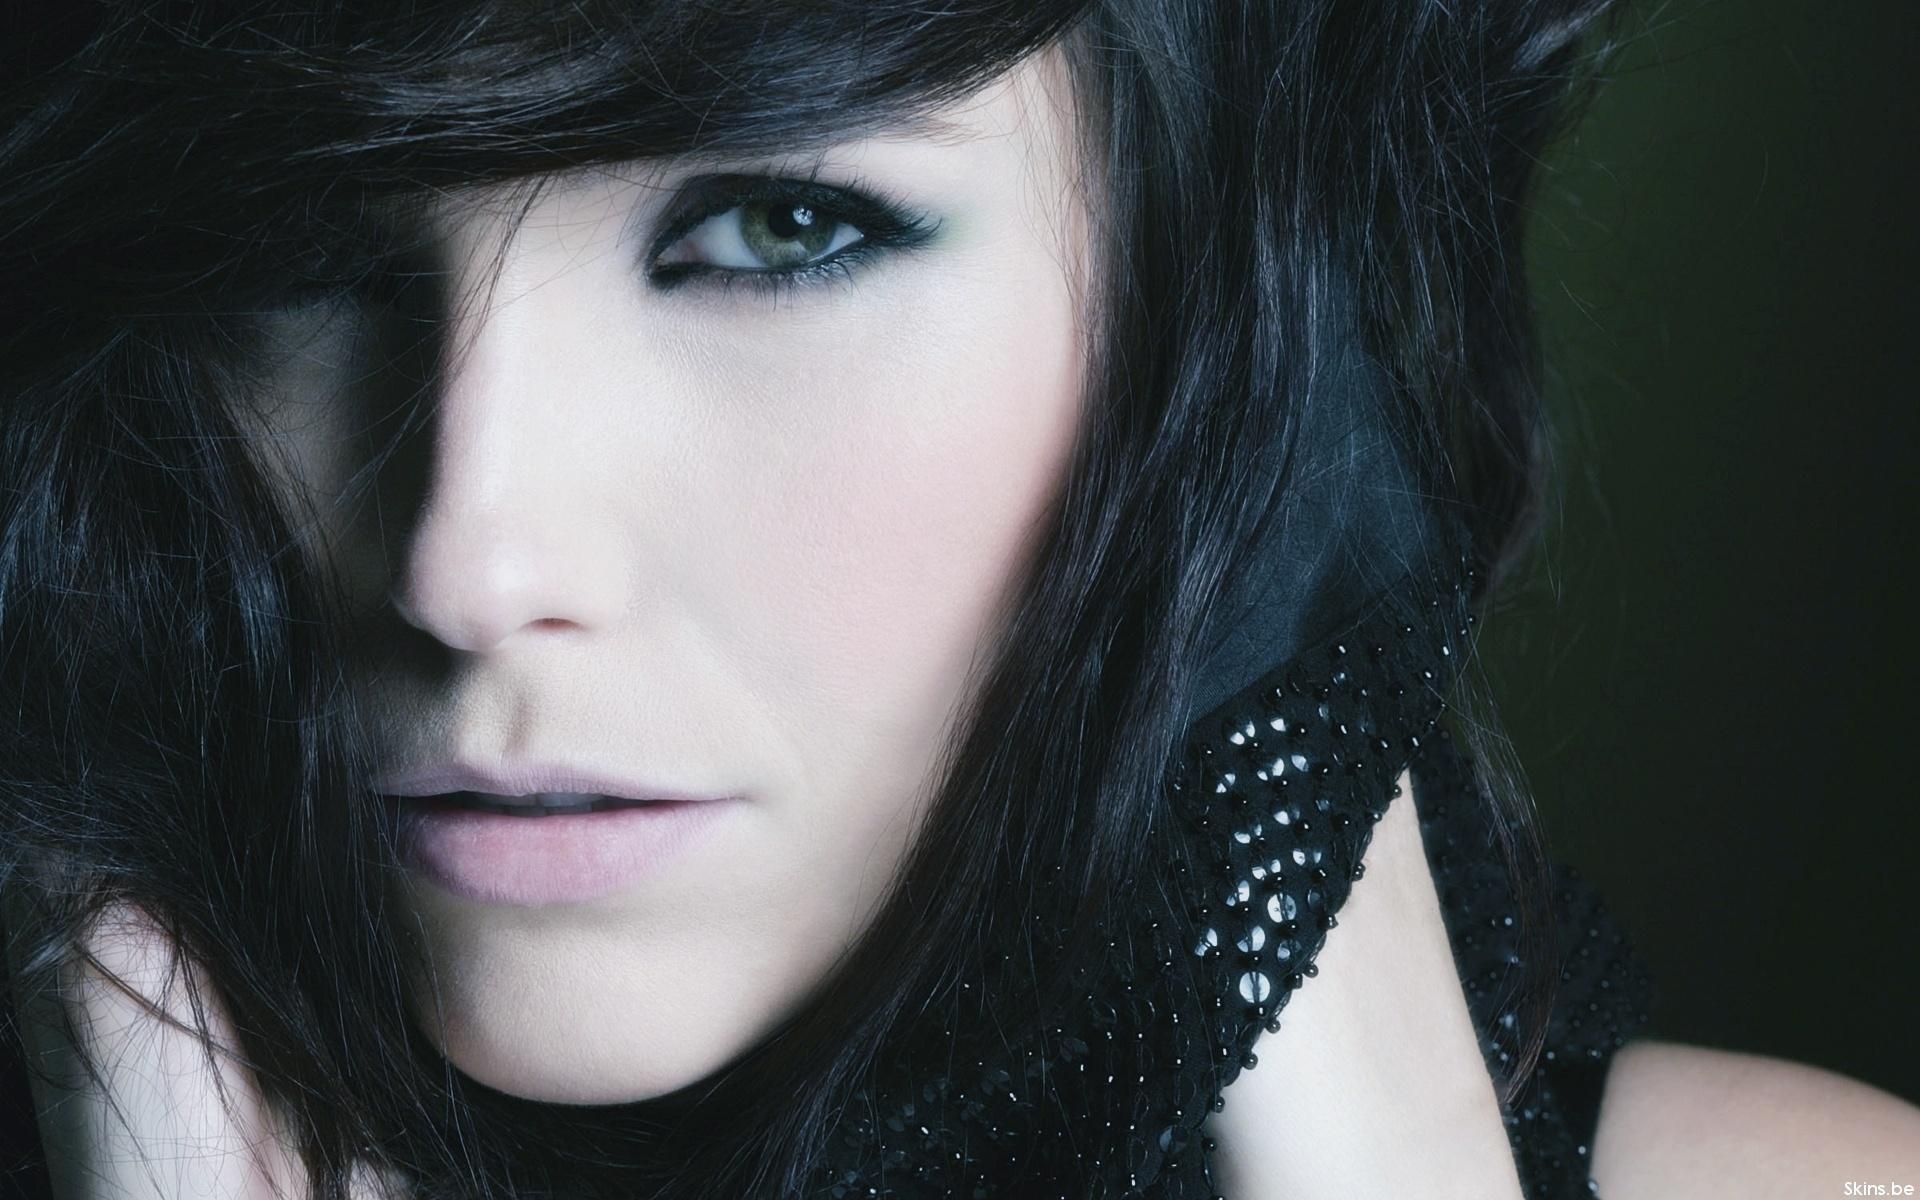 Красивые девушки с чёрными волосами 19 фотография